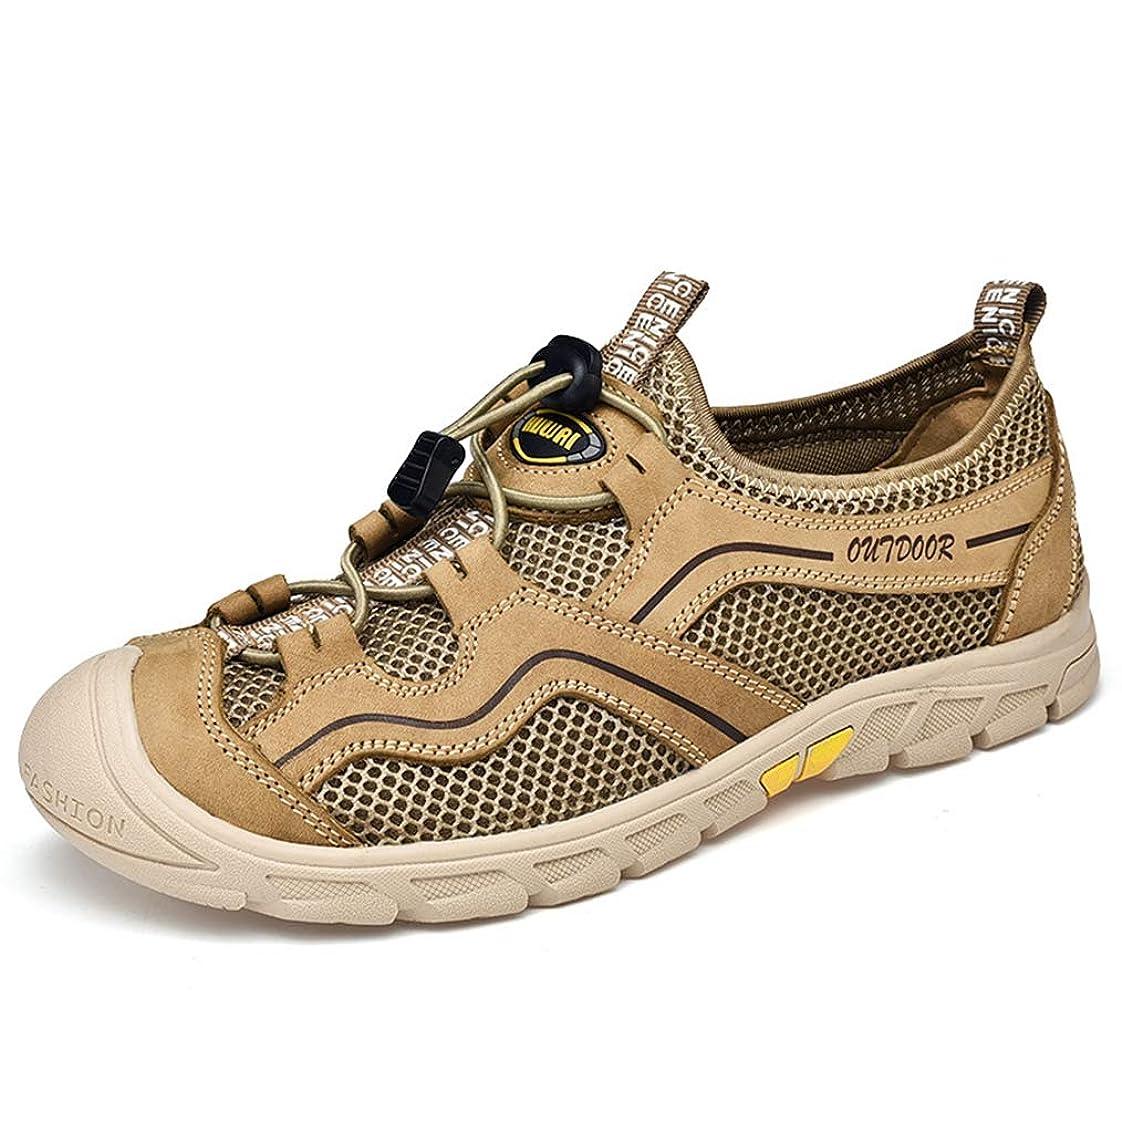 クラウン定期的な重荷[Dong] 登山靴メンズトレッキングシューズ ハイキングシューズ ローカットメッシュ防水 防滑 通気性 耐磨耗 ラウンドトゥ 牛革 アウトドアアーミーグリー24.5cm キャンプ歩きやすい 登山靴